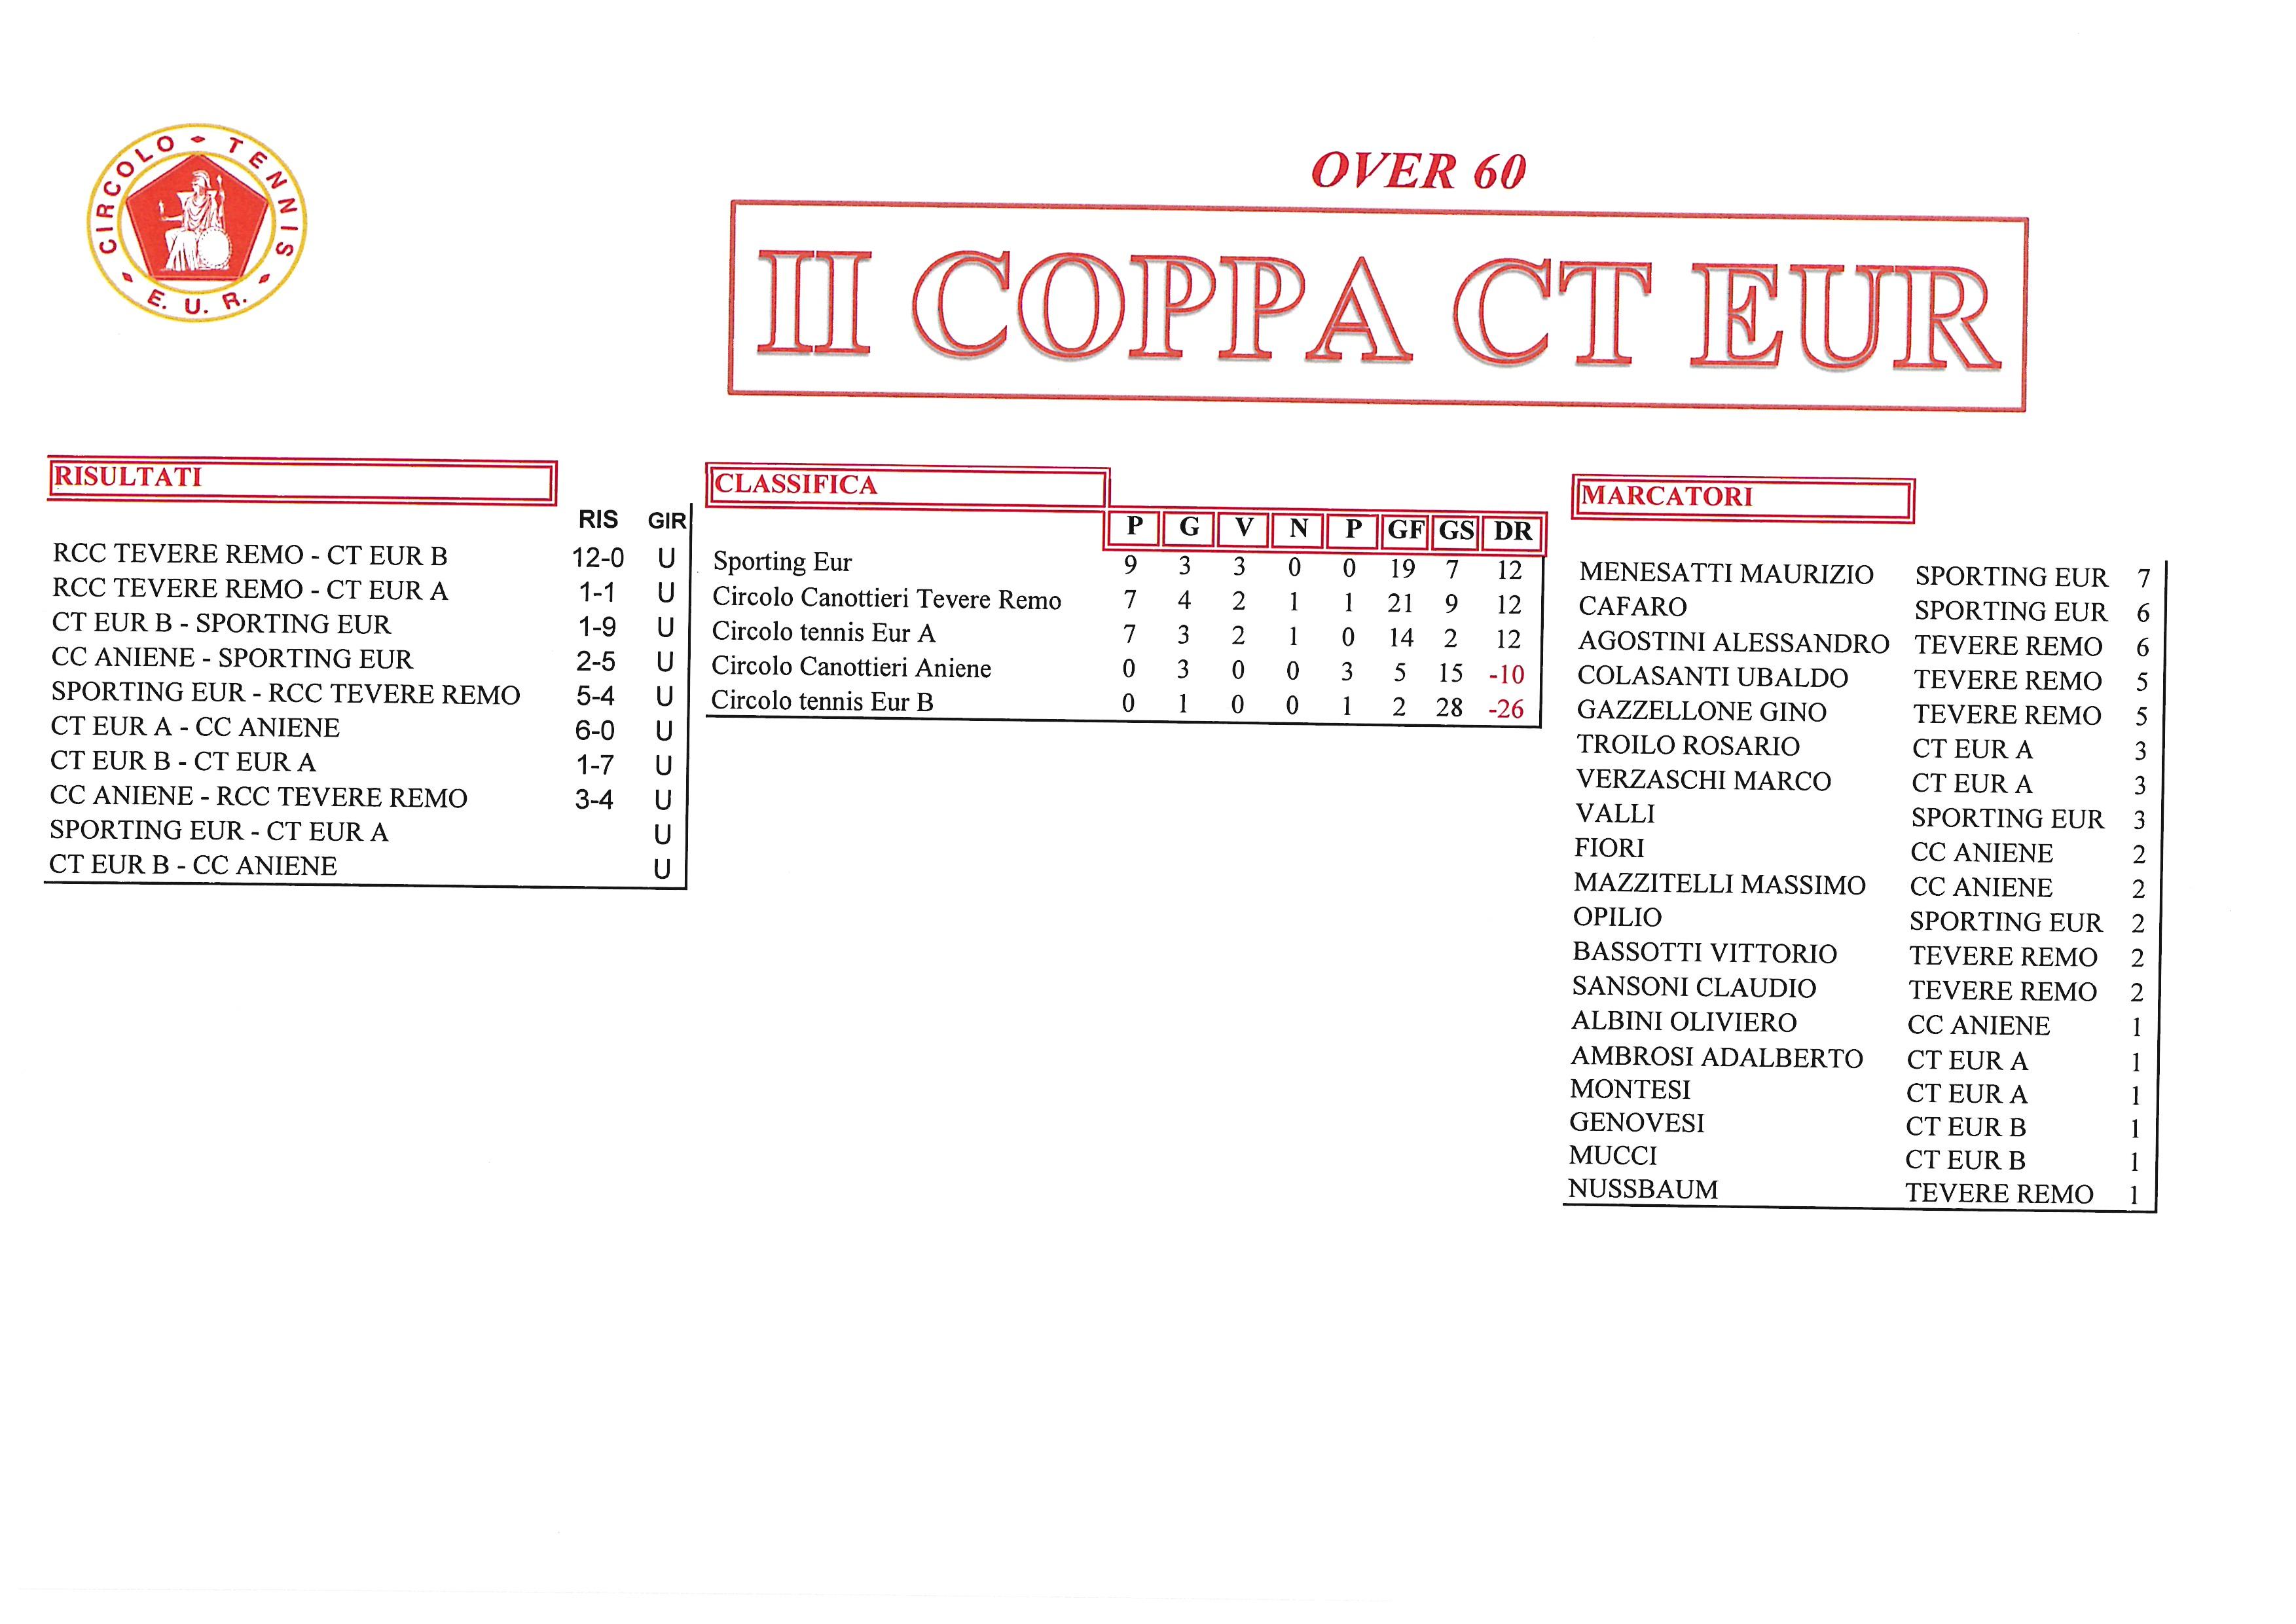 Coppa CT Eur risultati del 5 ottobre 2017 Over 60